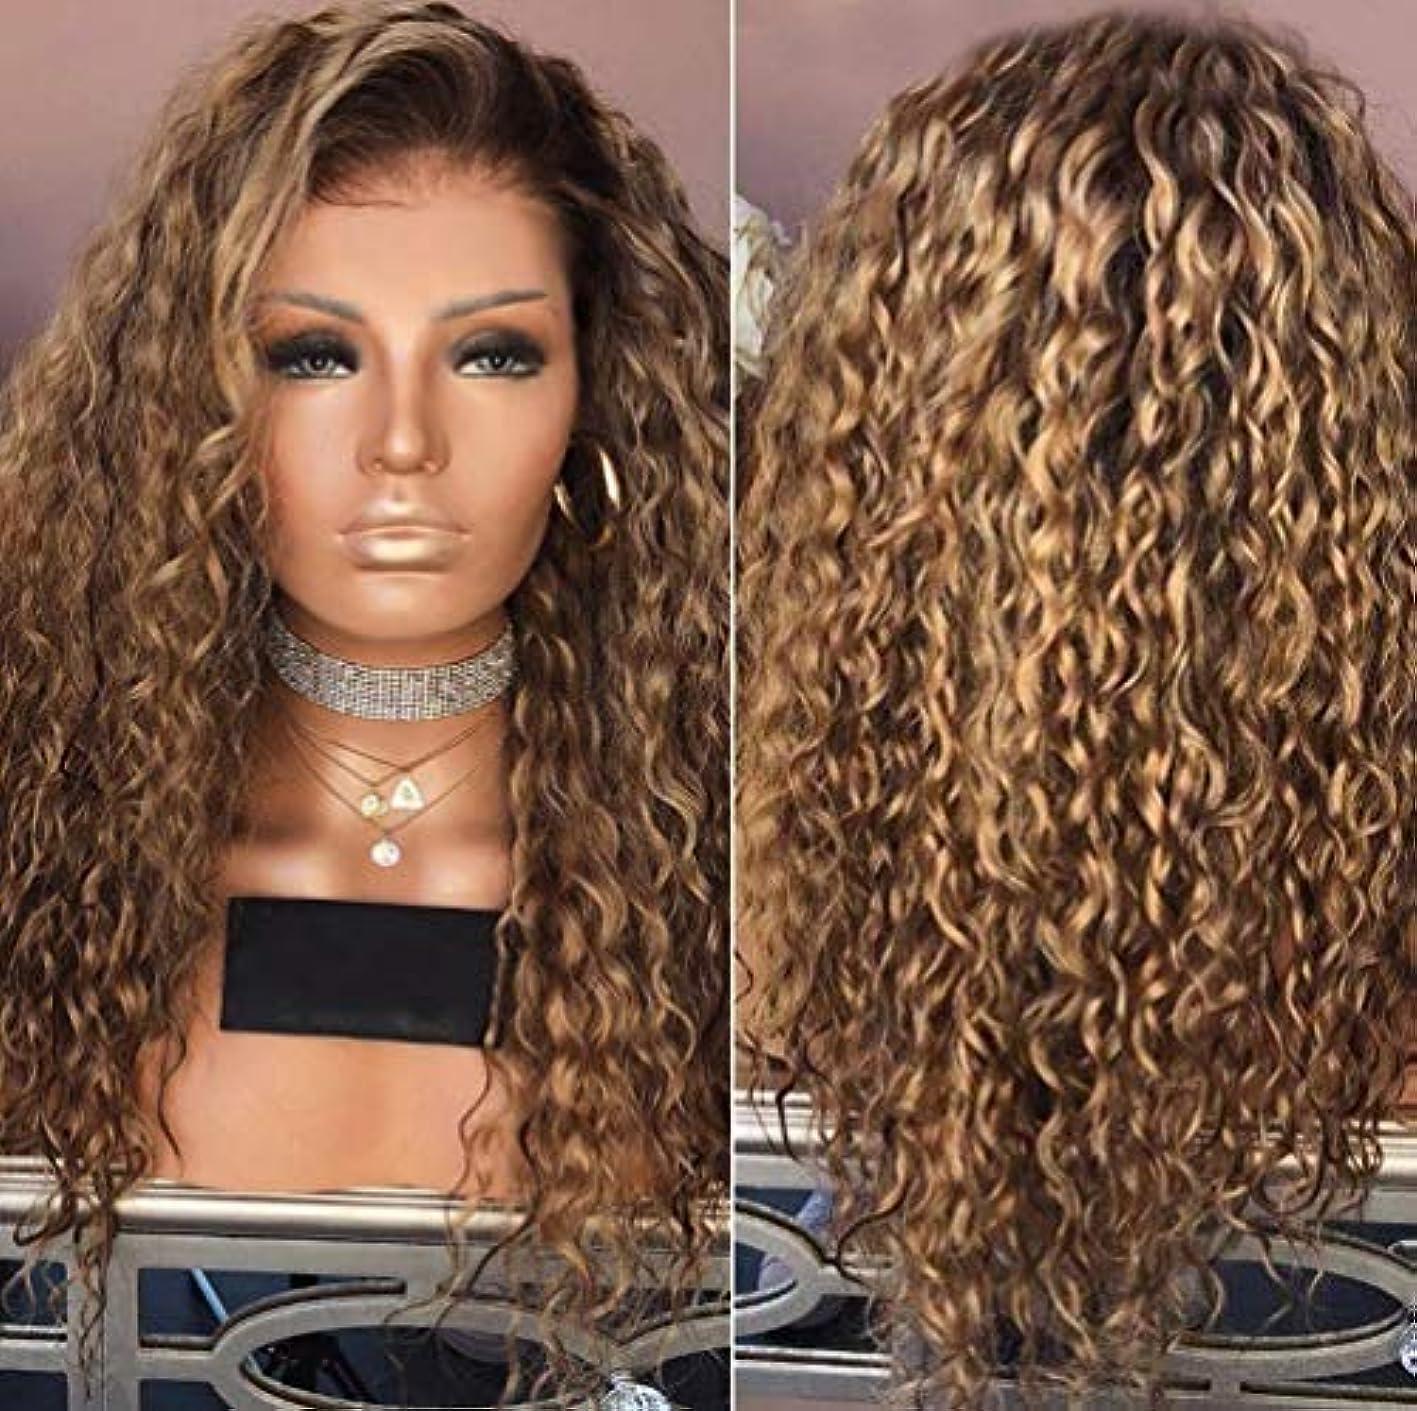 耐久ペインギリック繁殖女性カーリーブラジルウィッグ実体波ナチュラルカラーブラジル実体波かつらブラウン65 cm